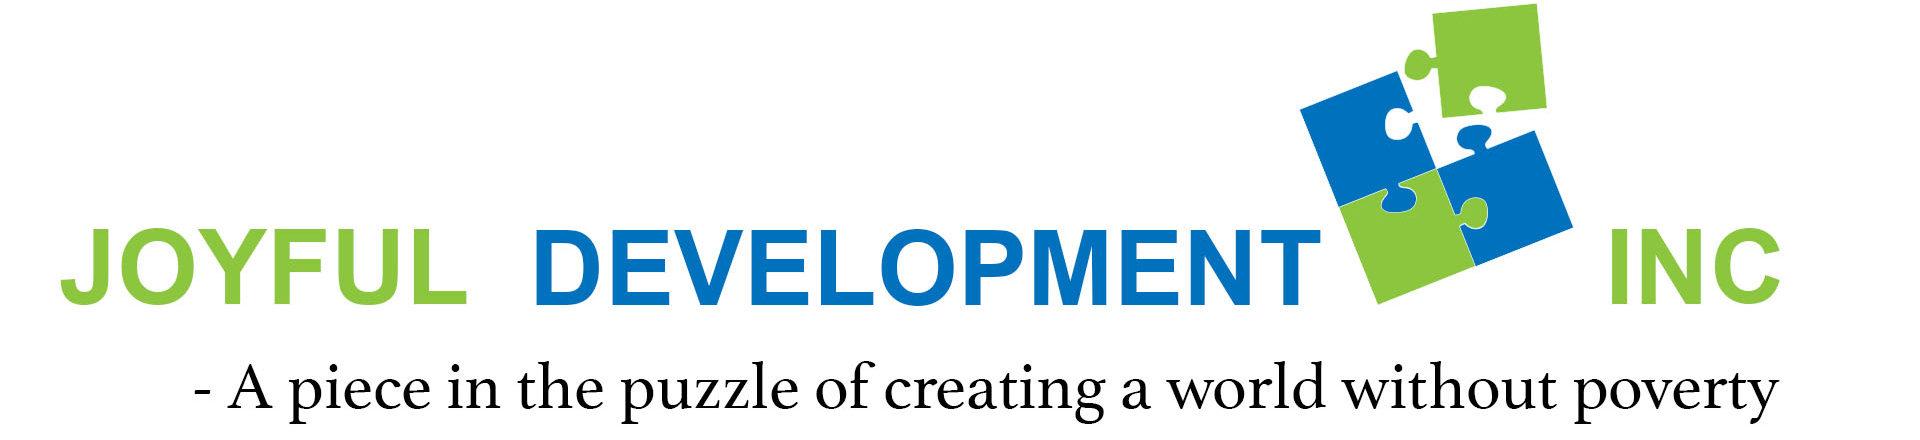 Joyful Development Inc.